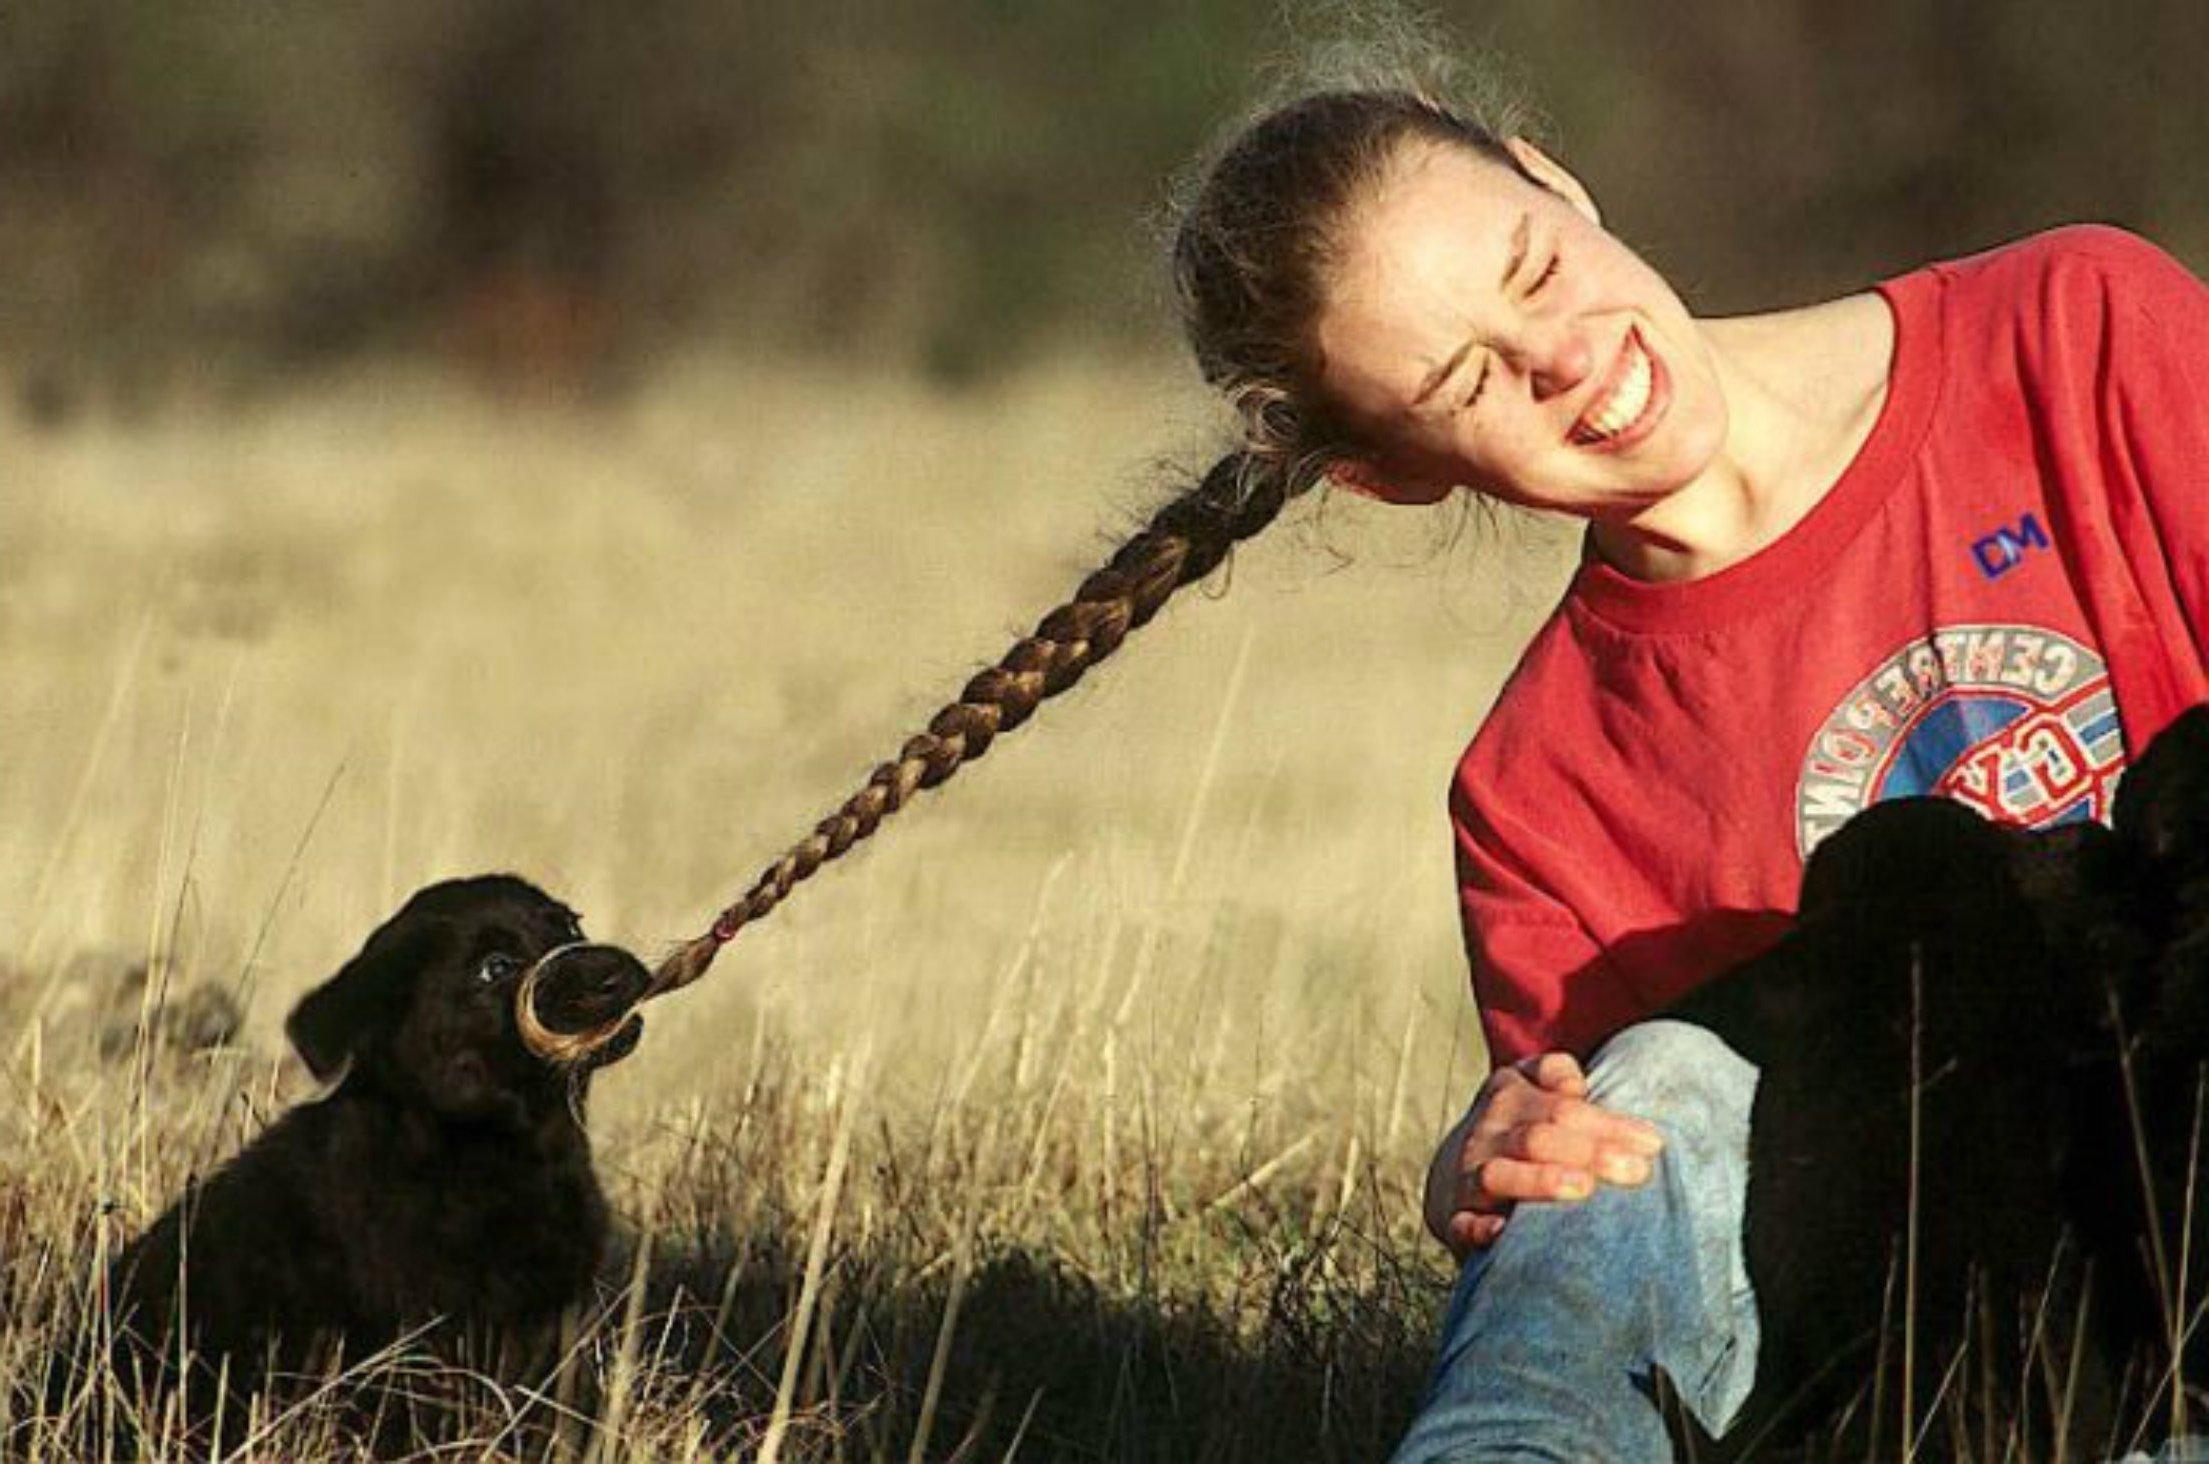 Важно не давать доступ щенку до частей вашего тела, перенаправляя его активность на другие предметы